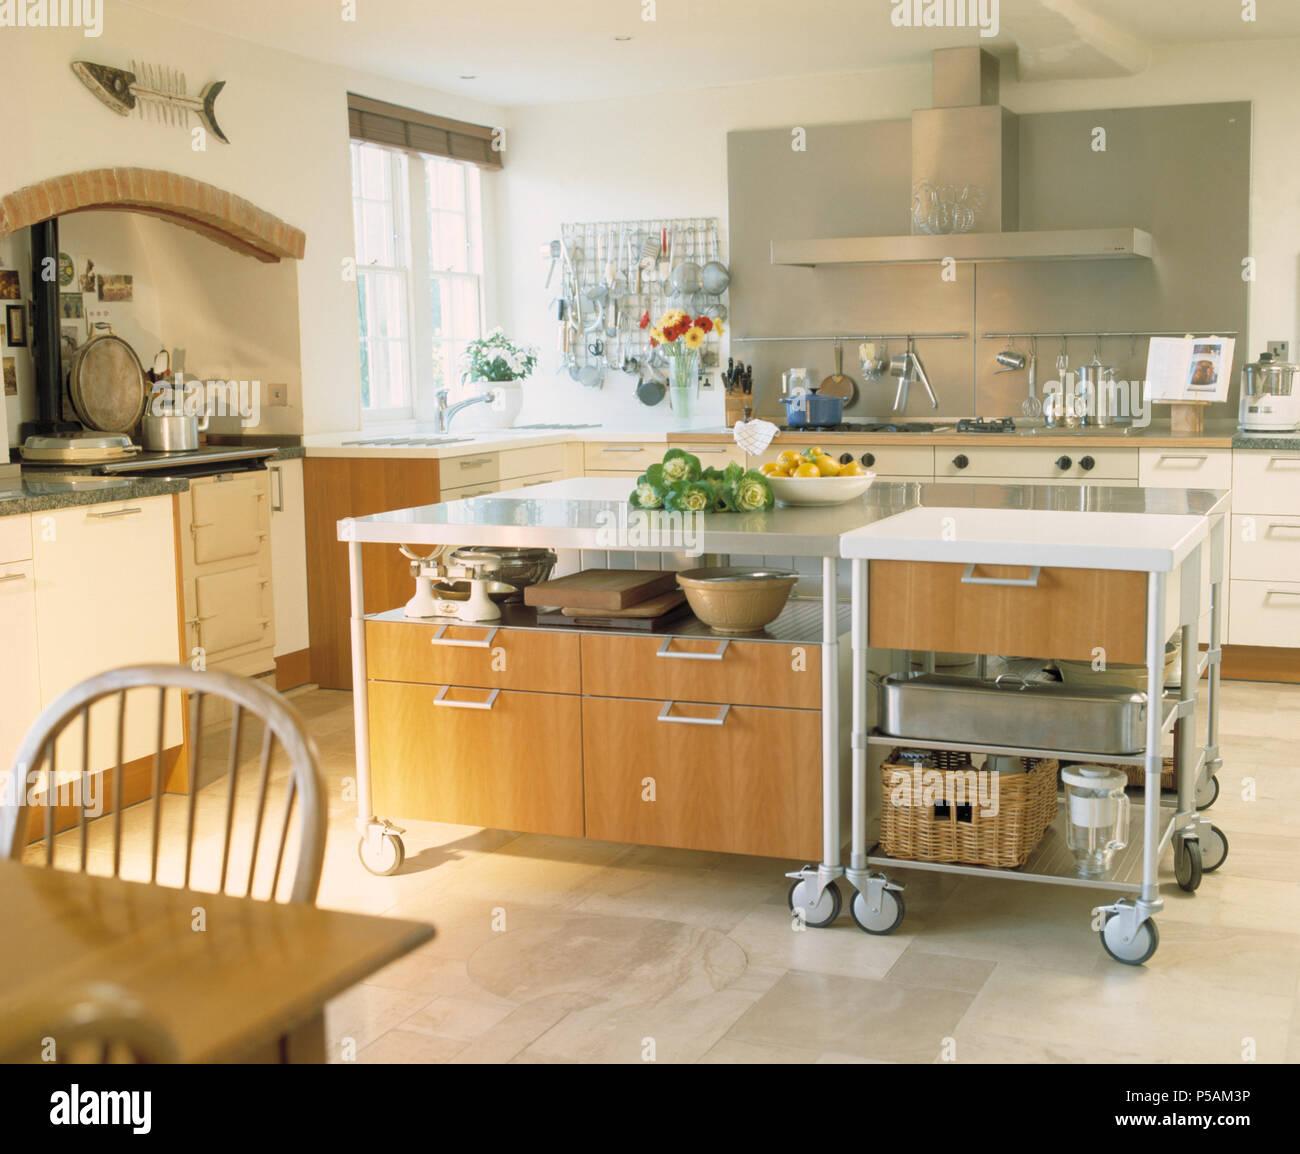 Grande Isola mobile unità su ruote piroettanti in una moderna cucina ...